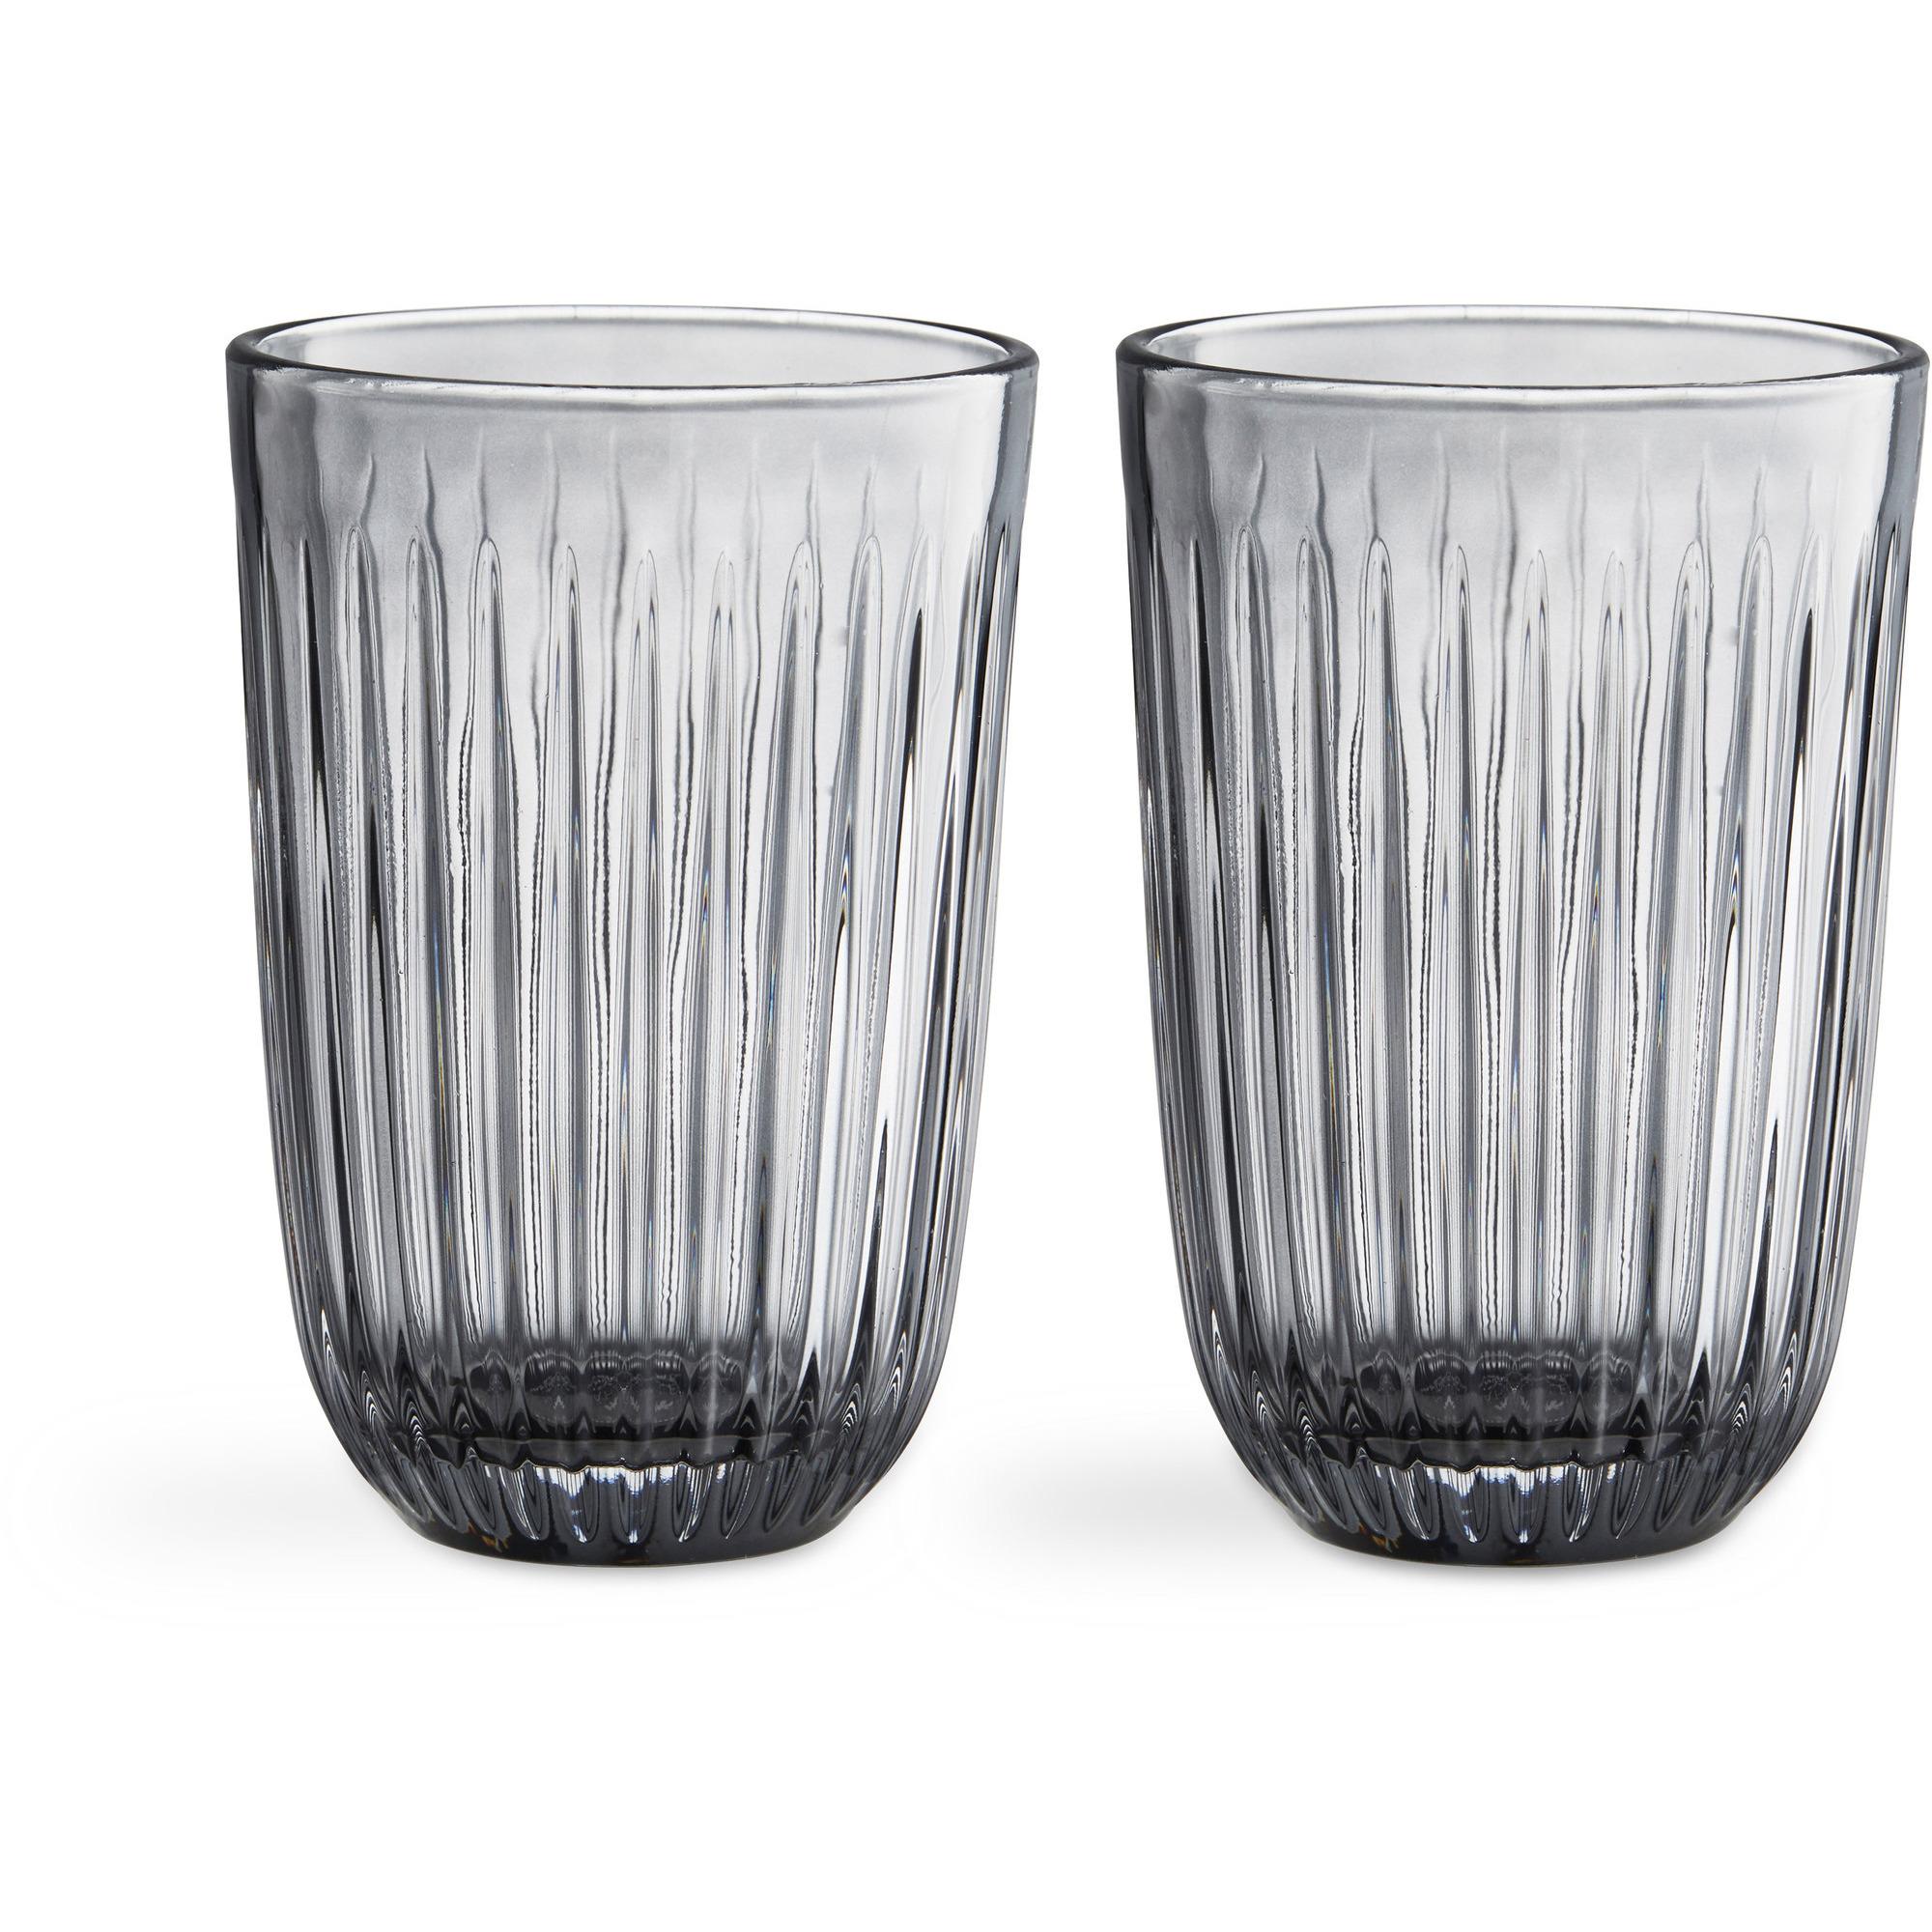 Kähler Hammershøi Glas 33cl 2-pack Grå